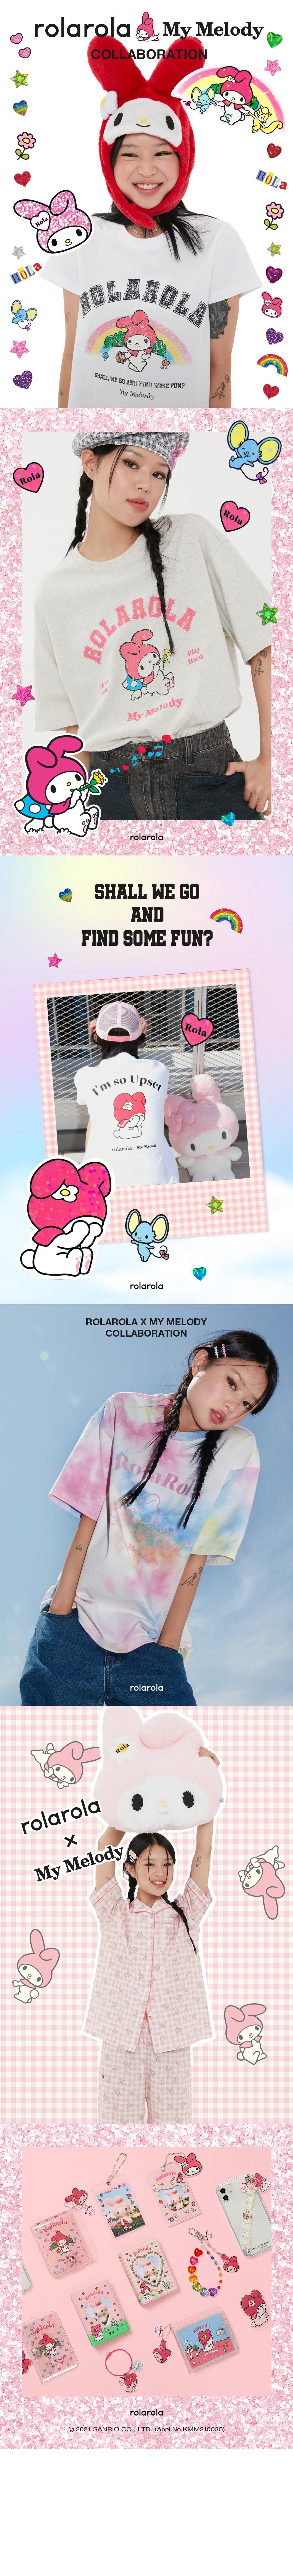 로라로라(ROLAROLA) (LV-21330) ROLAROLA X MY MELODY COLLECT PHOTO BOOK MULTI